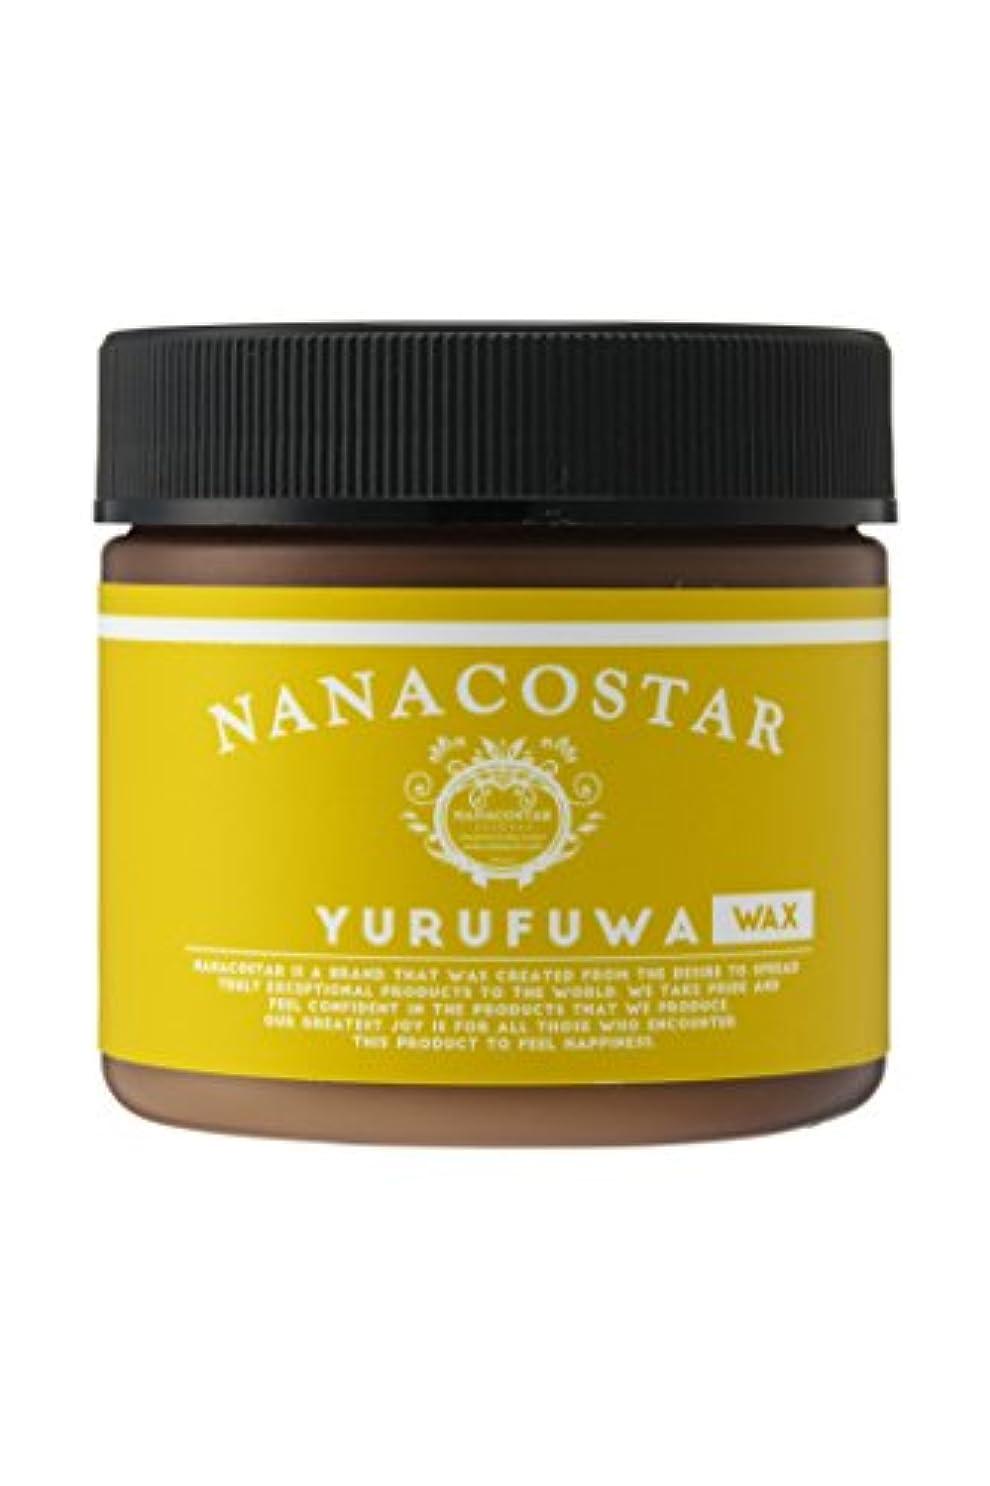 ループ親発疹ナナコスター [NANACOSTAR] ユルフワ ワックス YURUFUWA WAX 75g …